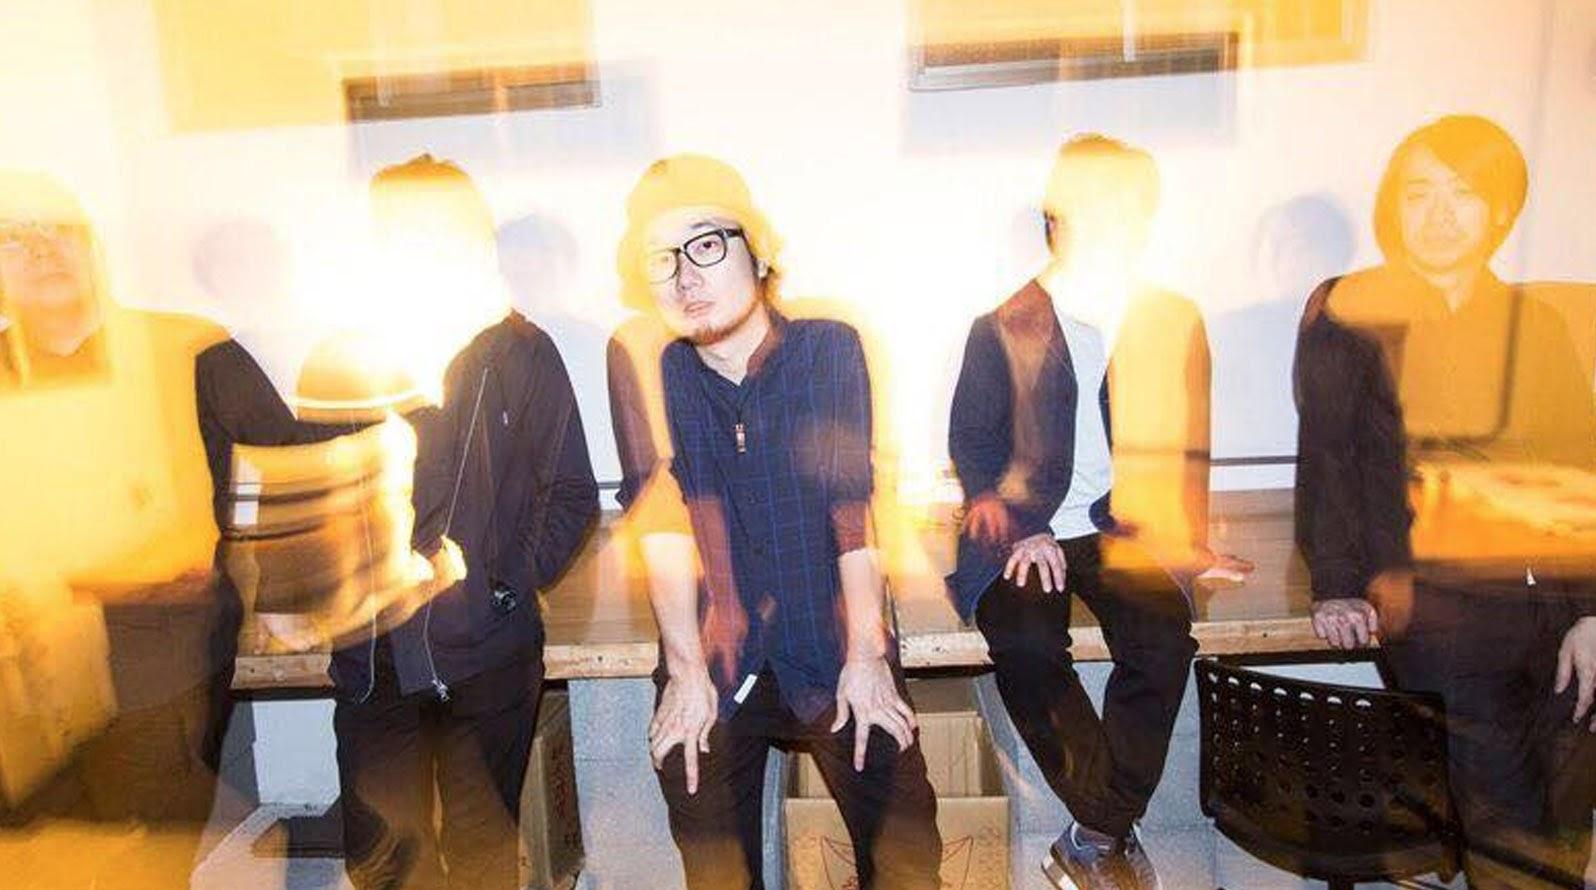 名古屋樂團Kinemas キネマズ再次來台 新作特別為台灣設計限定盤